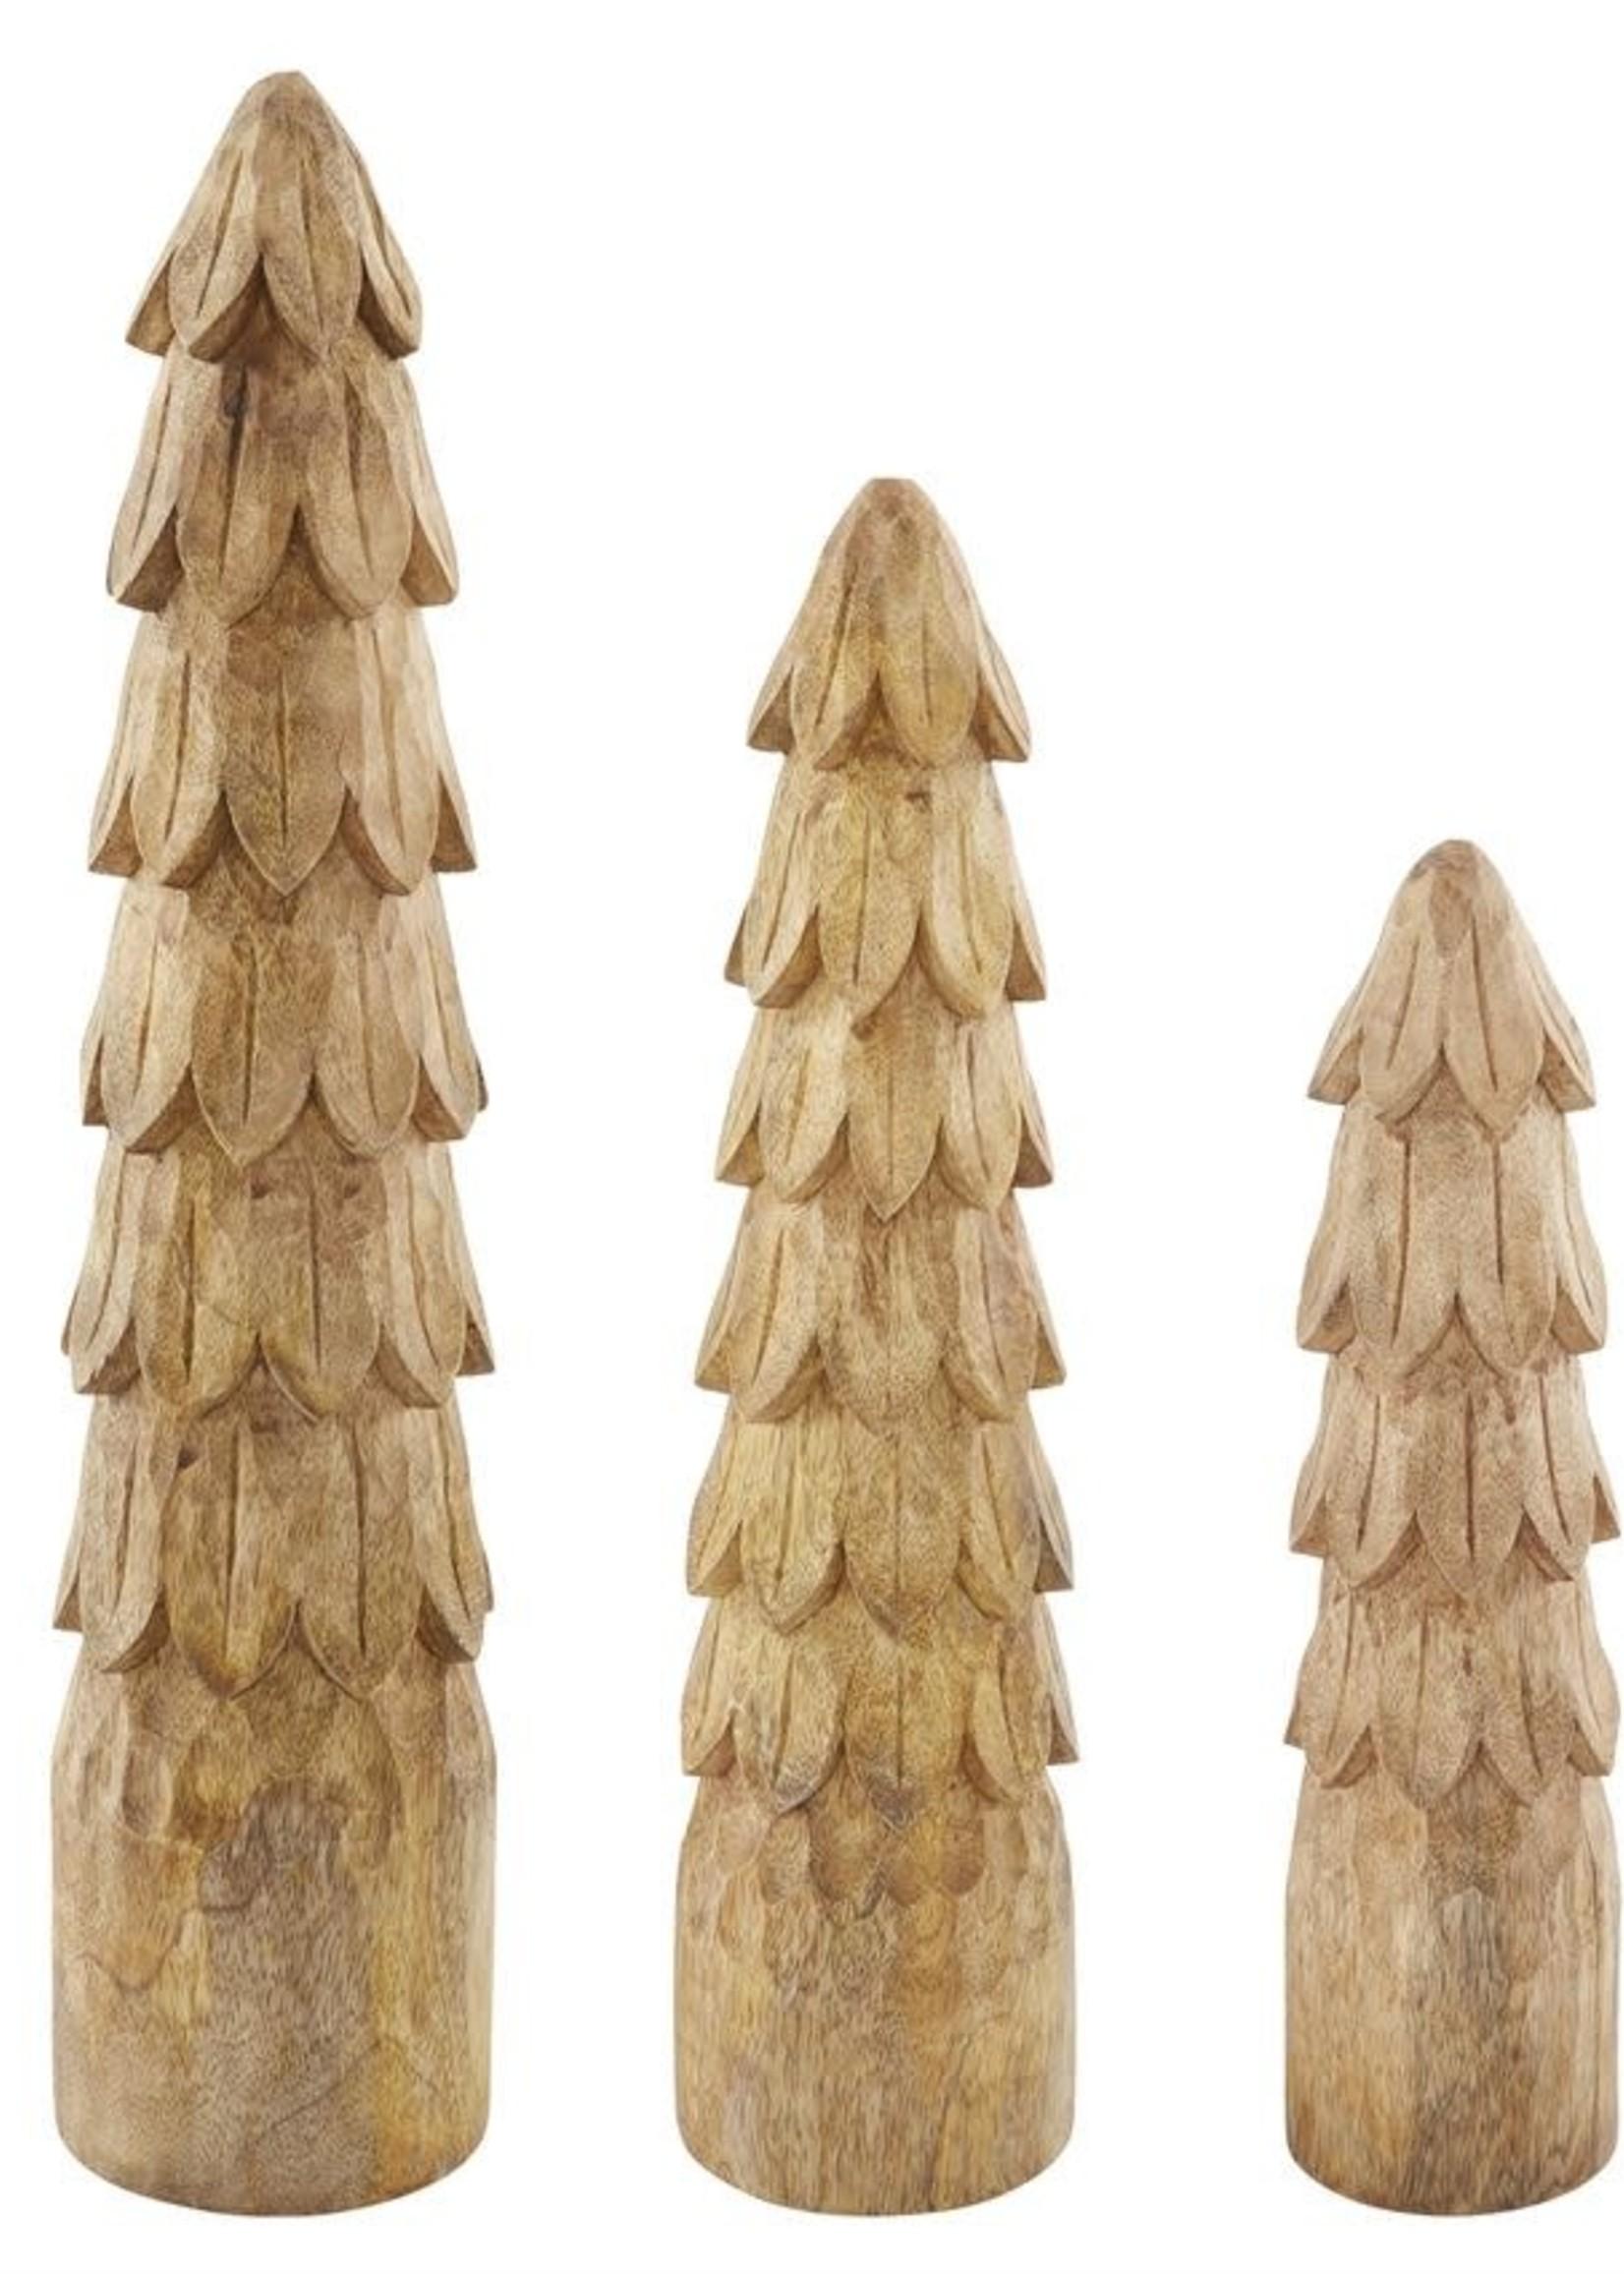 MEDIUM CARVED WOOD TREE SITTER